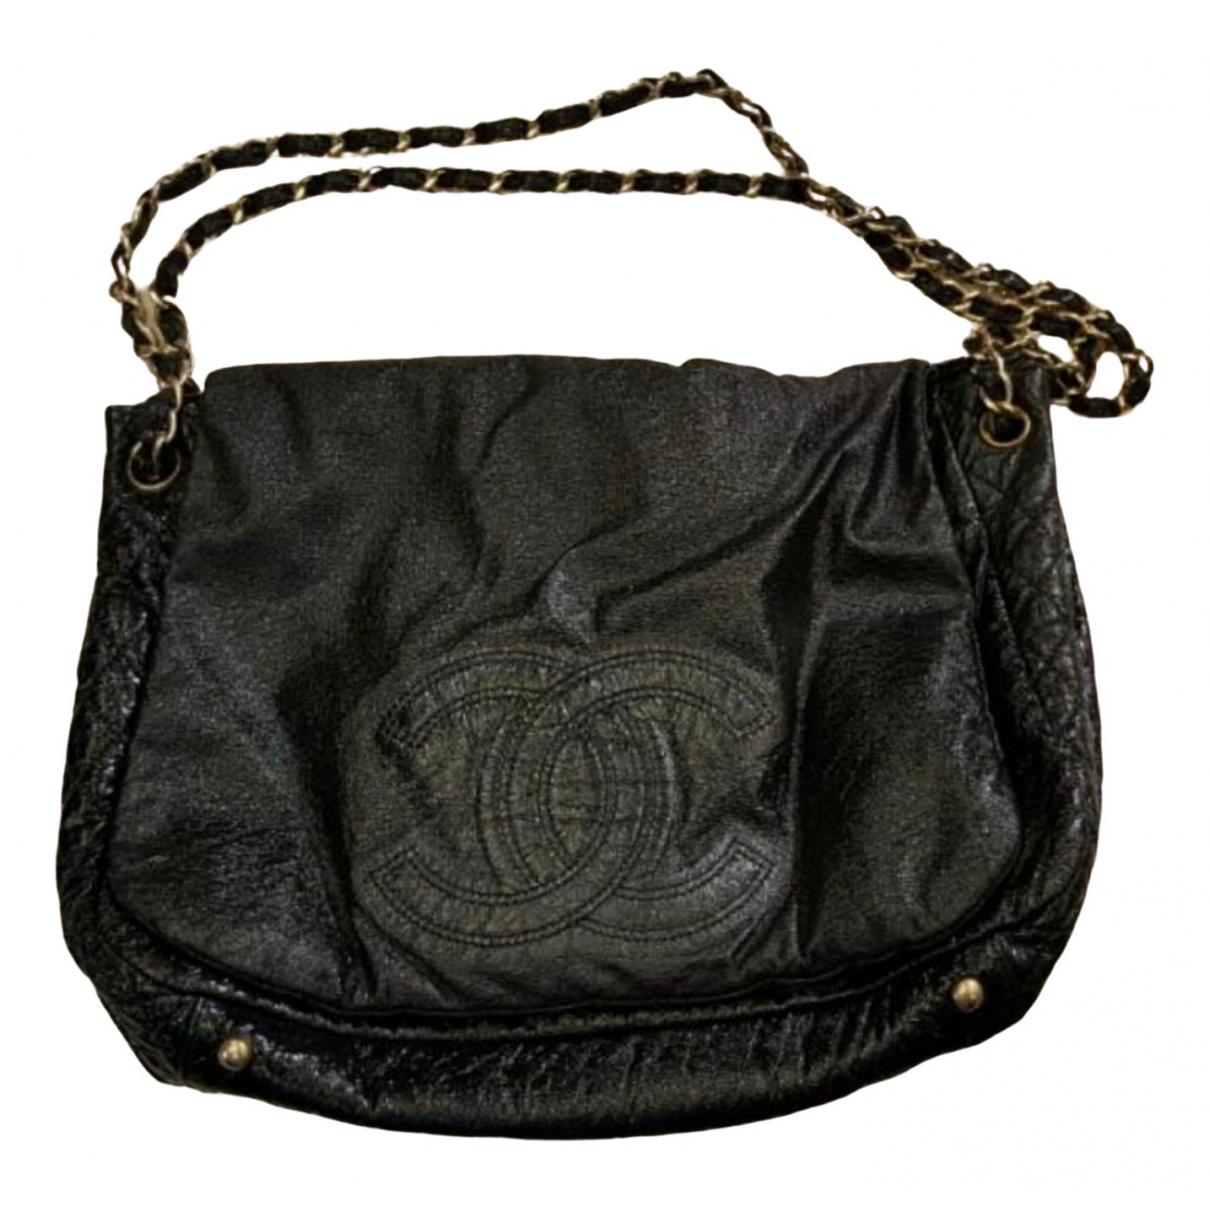 Chanel - Sac a main   pour femme en toile - noir